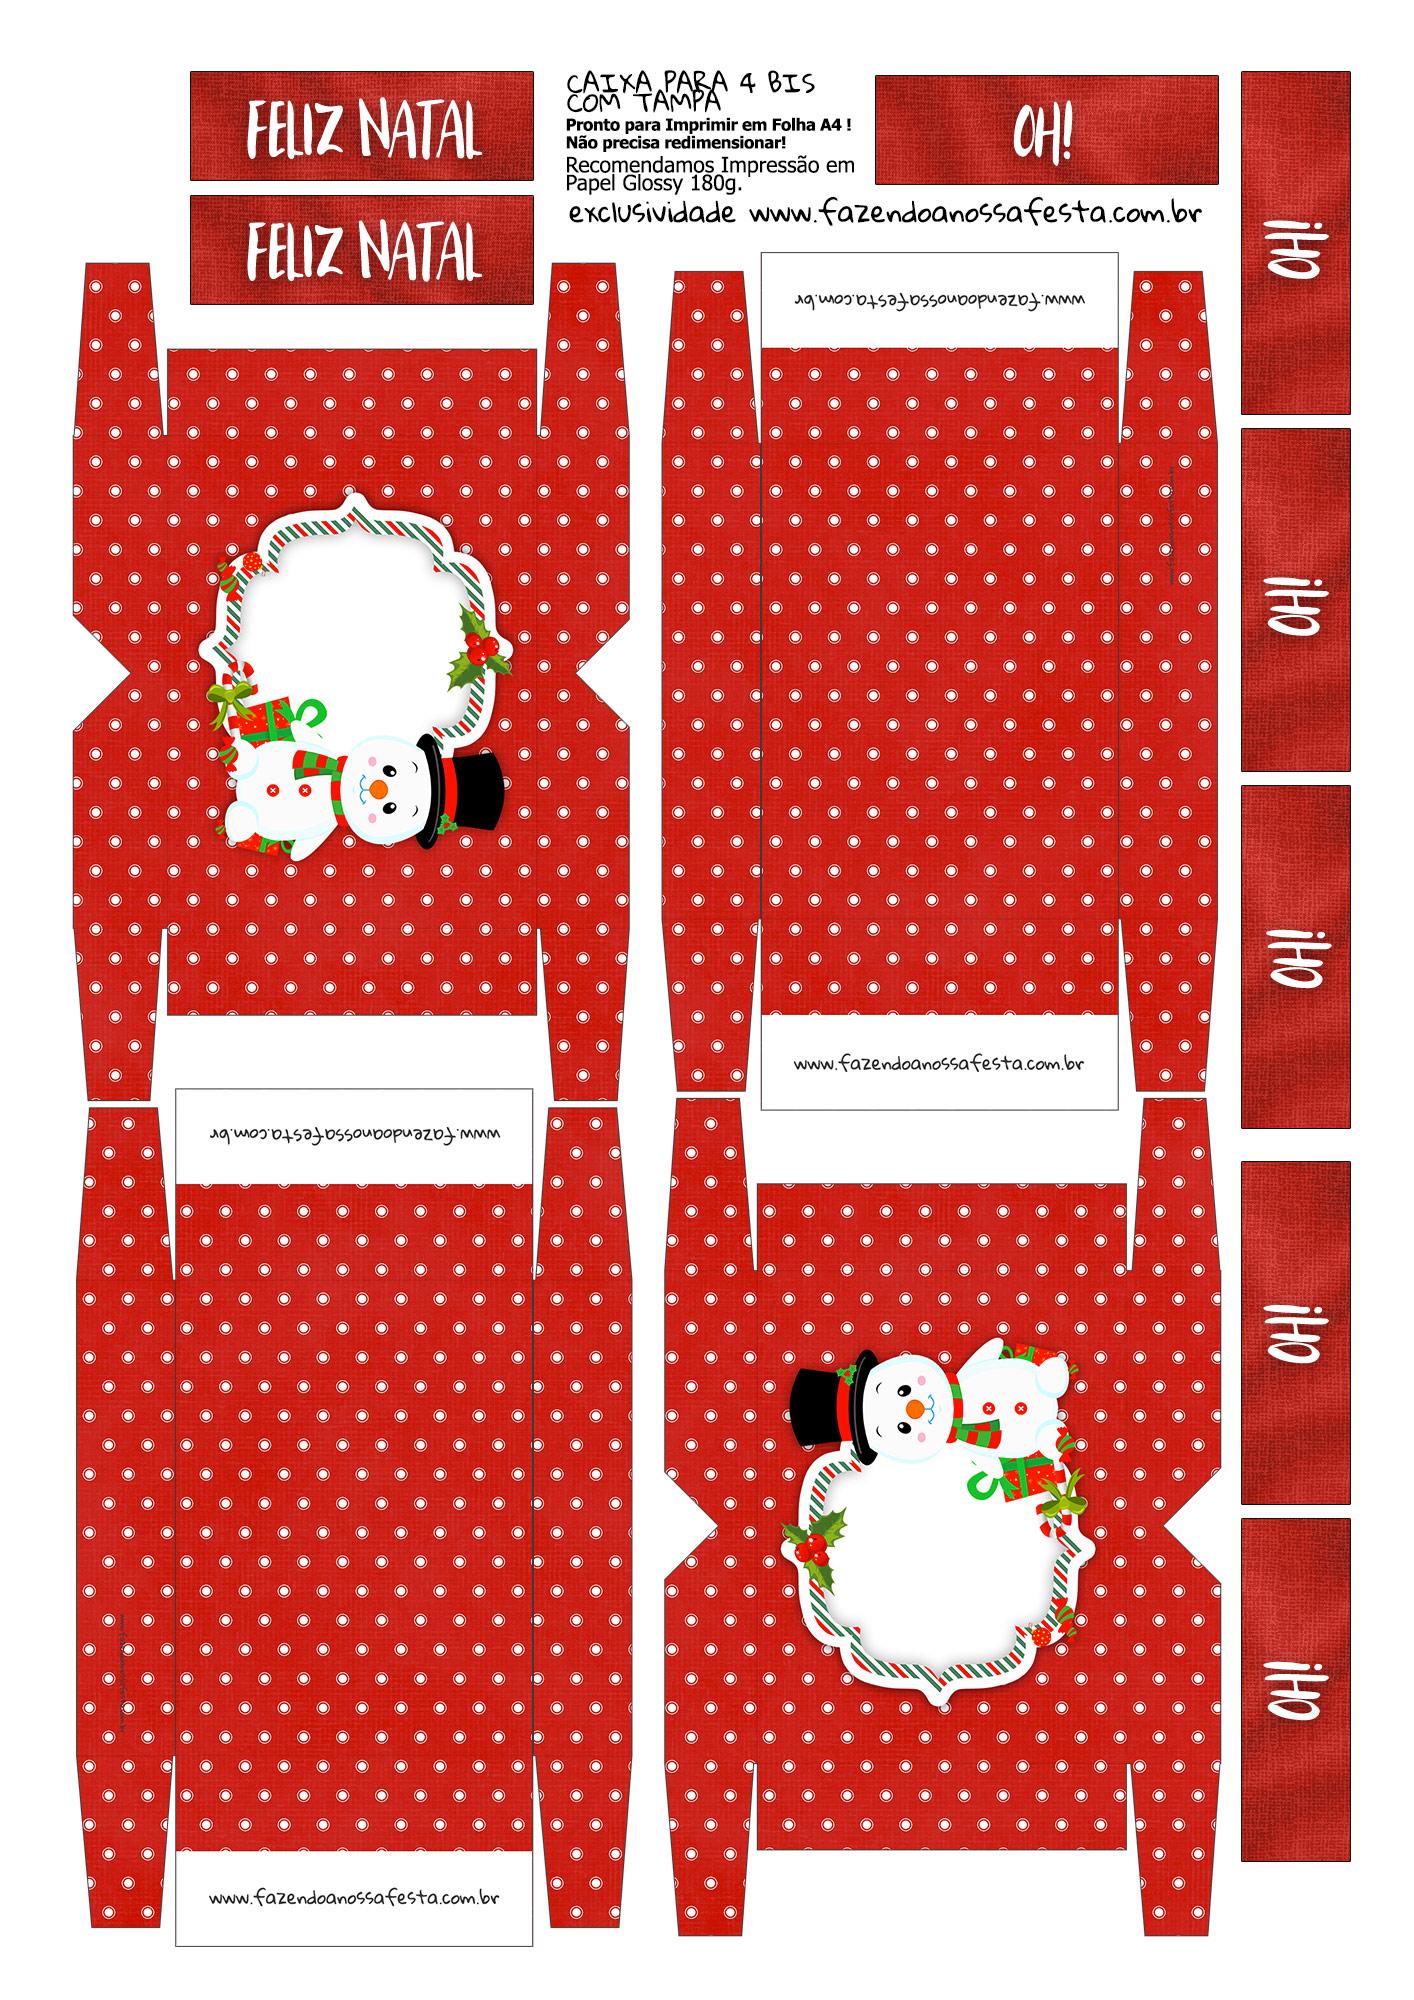 Caixa 4 Bis Especial Natal 14